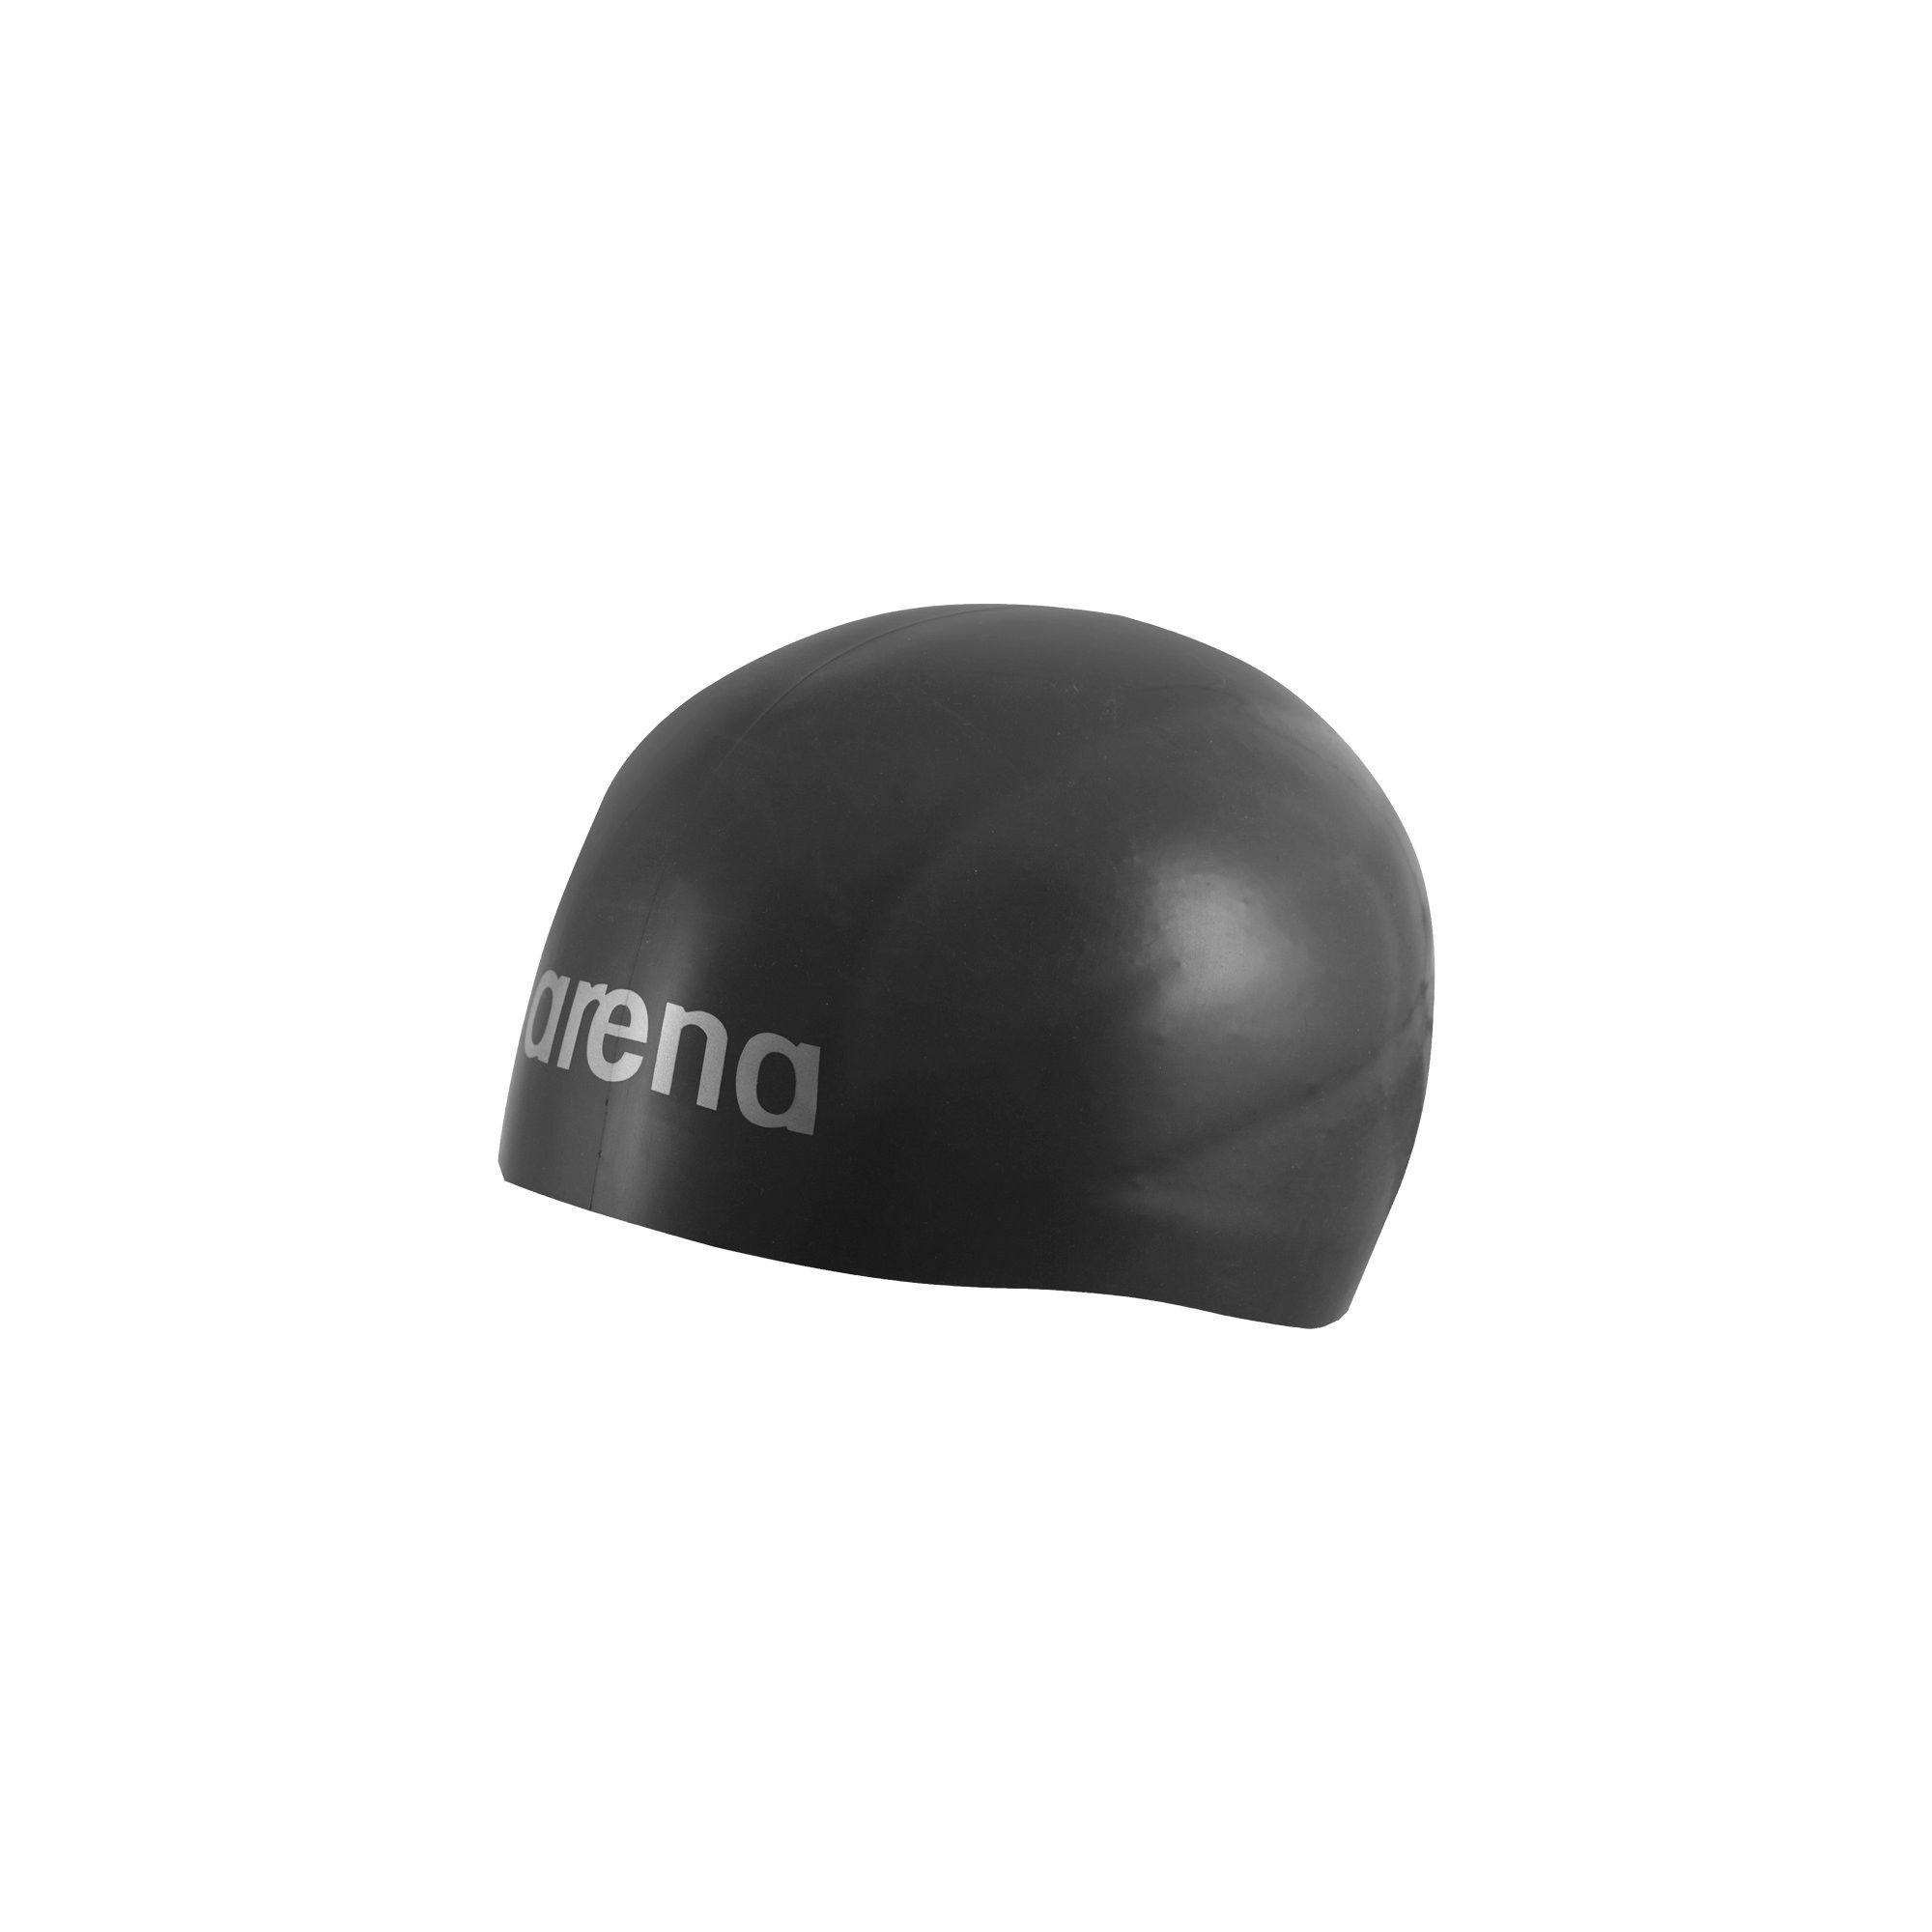 ec930c55983 3D Ultra Cap | arena Caps | Cap, Riding helmets, Helmet